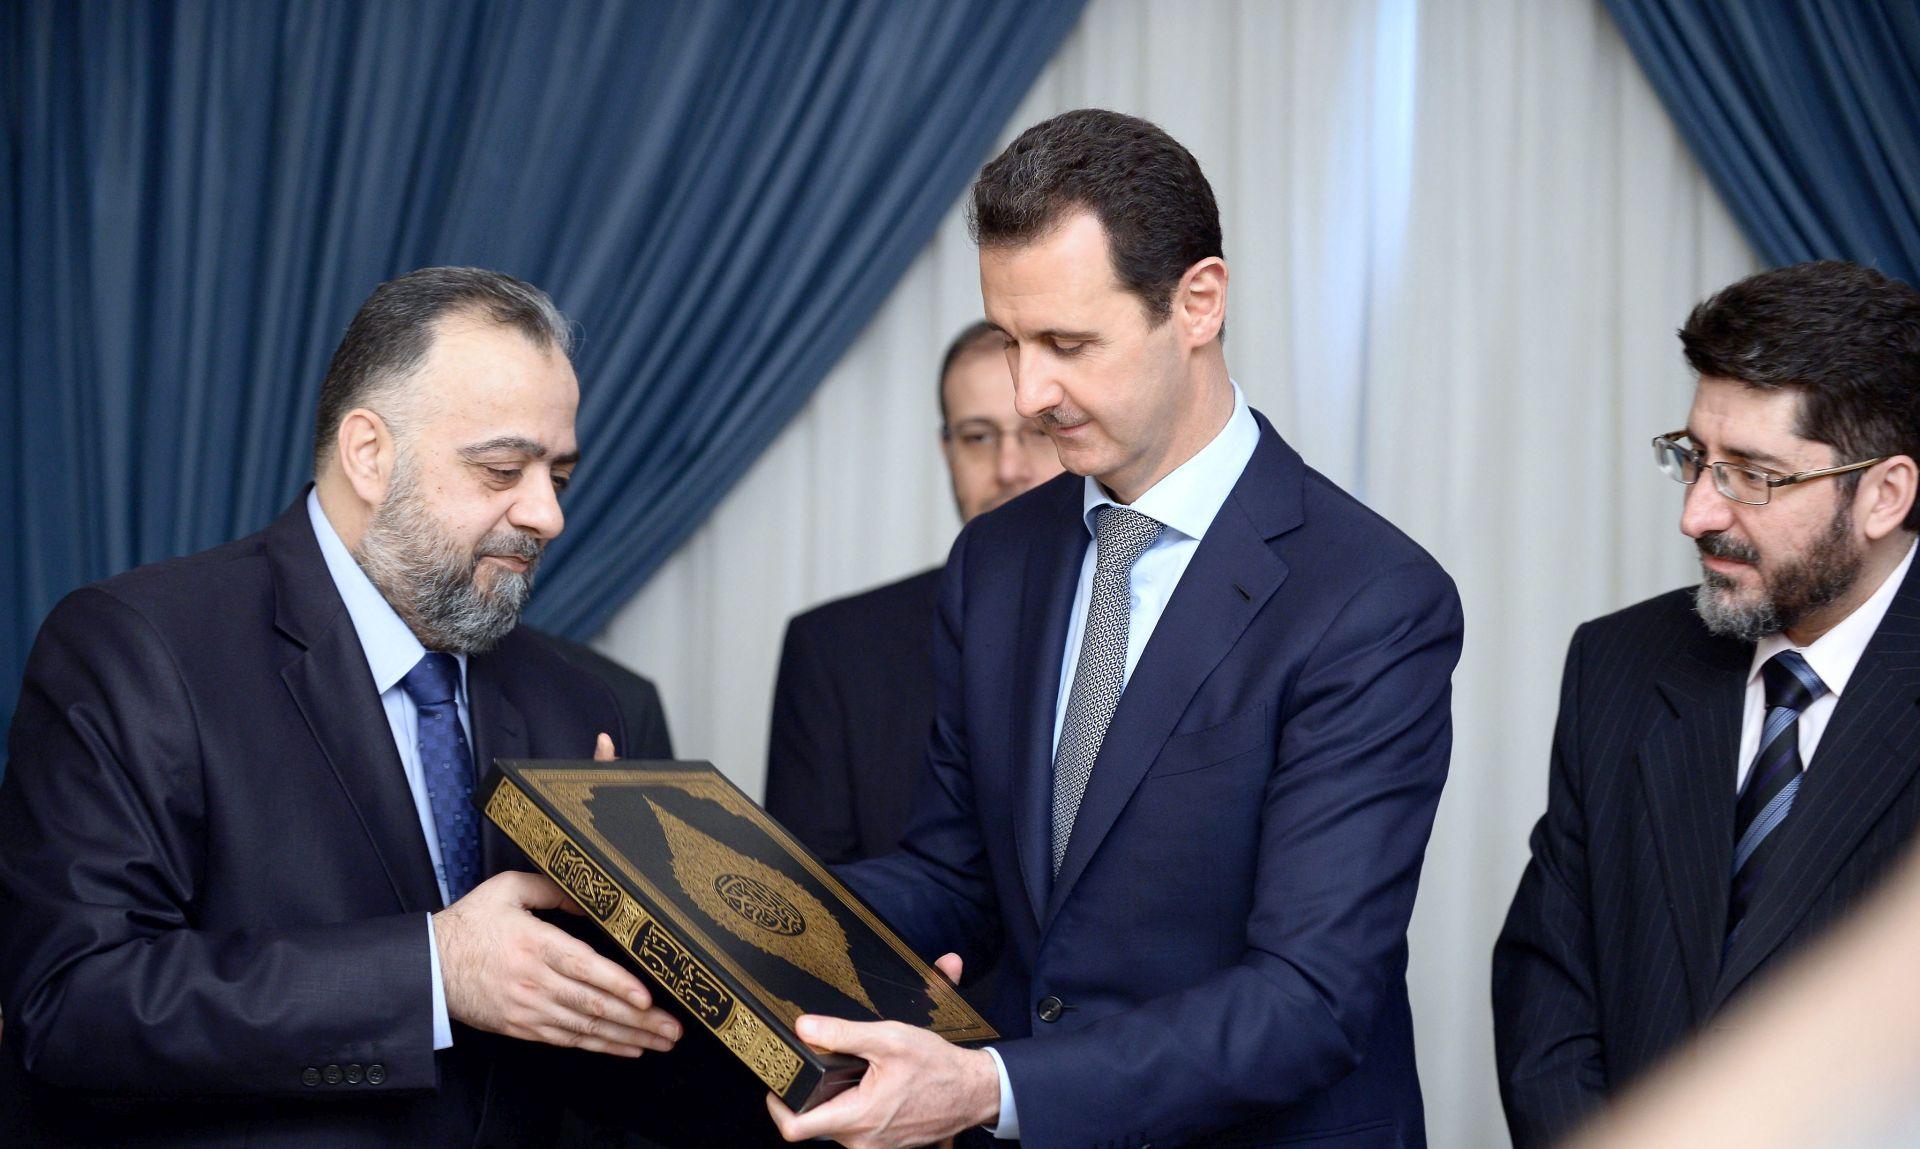 VAPAJ SIRIJSKE OPORBE: Pomozite nam svrgnuti Bašara al-Asada i riješite problem izbjeglica